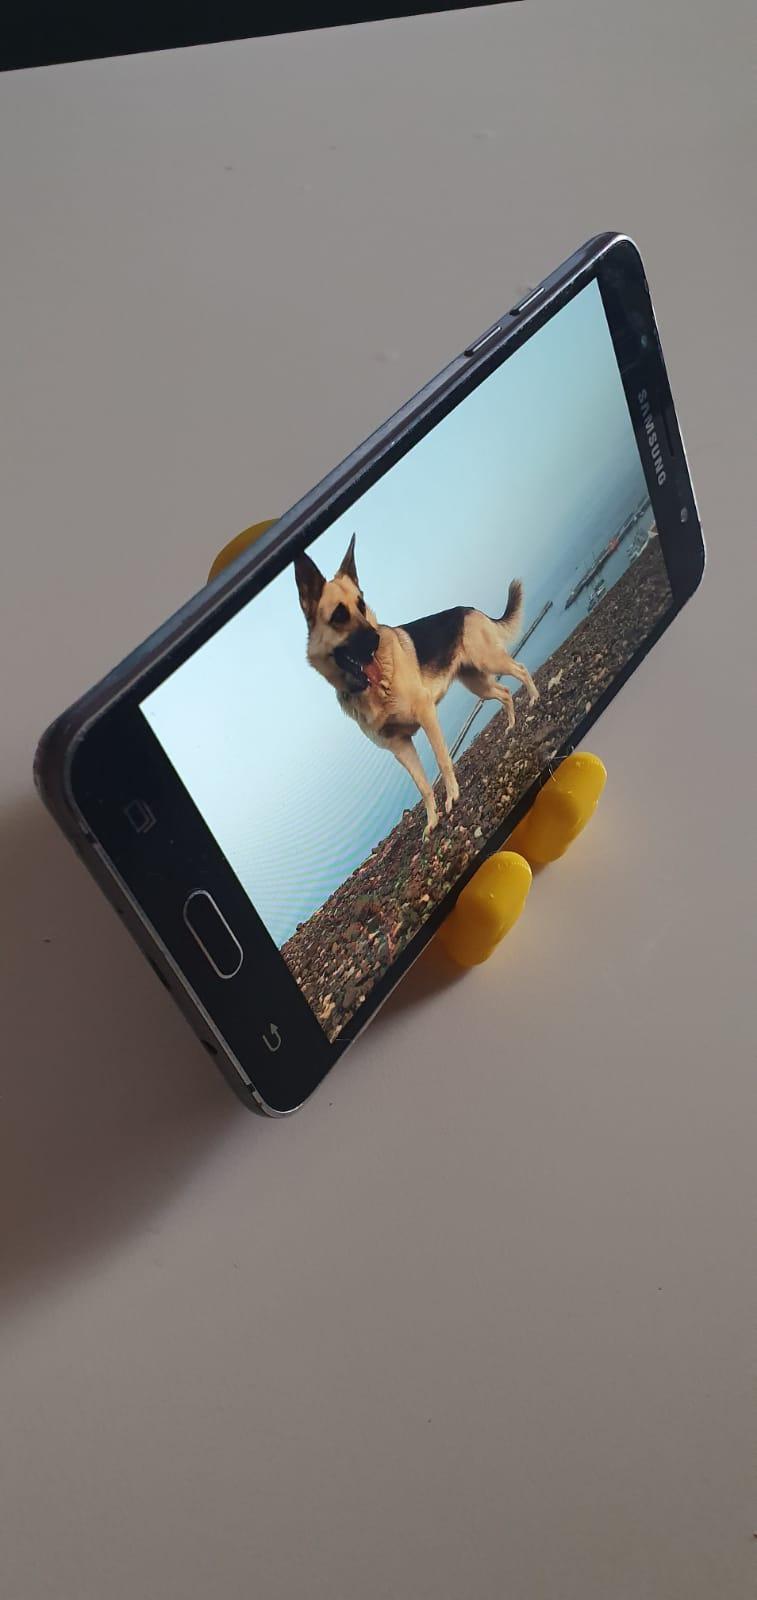 oso soporte 1.jpeg Télécharger fichier STL gratuit Petit gros ours (support pour smartphone) • Objet à imprimer en 3D, MaJoReRo